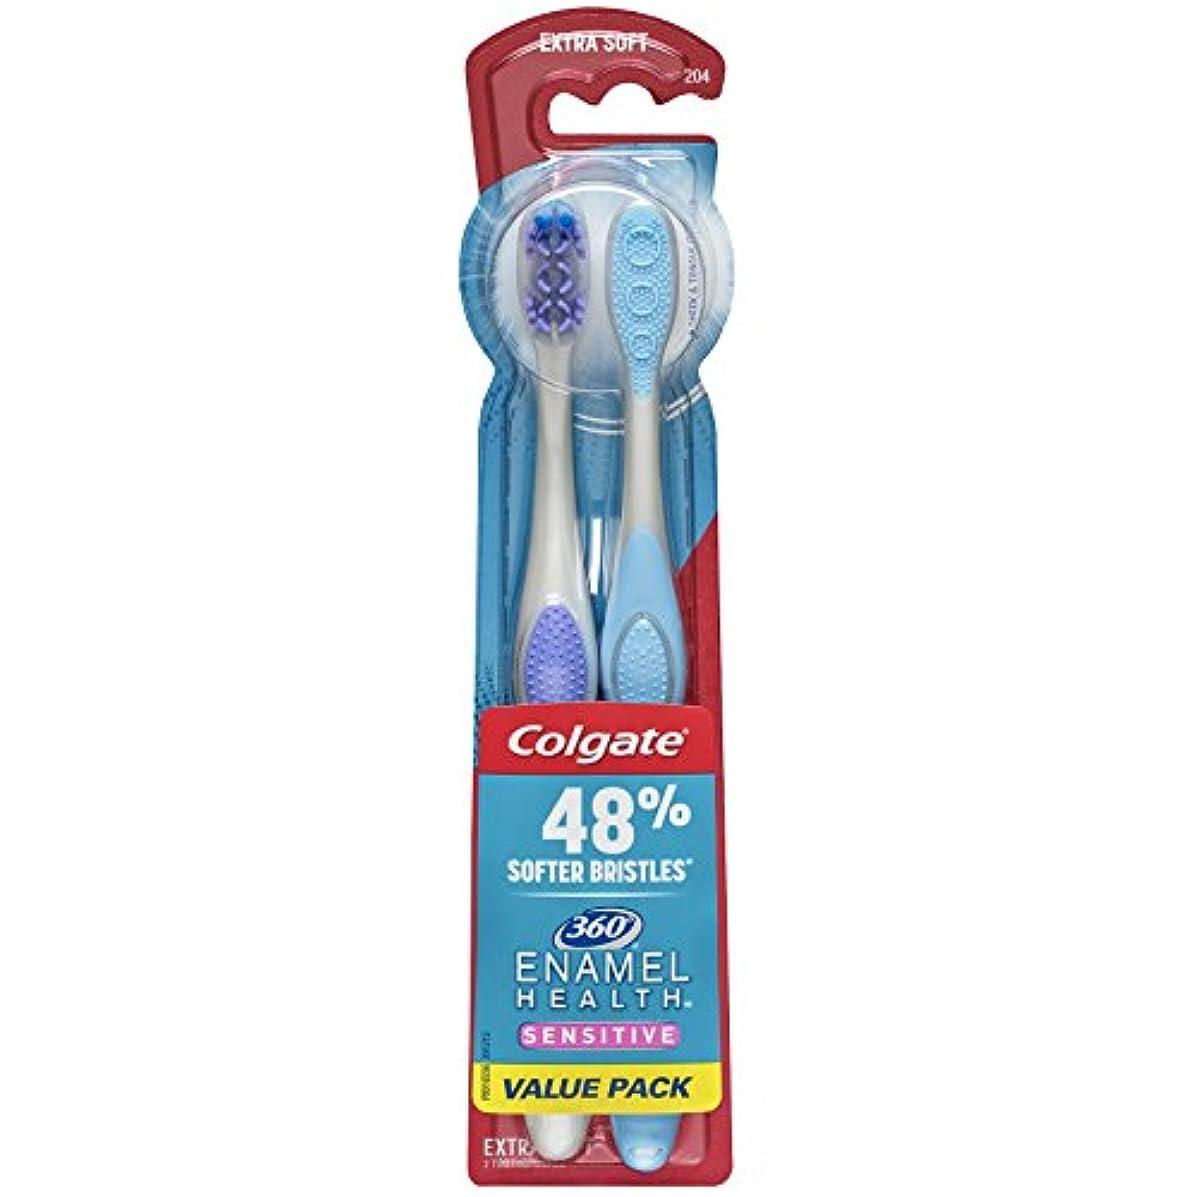 発掘する健全緊張するColgate エナメル健康に敏感な歯ブラシ、エクストラソフト、2カラット